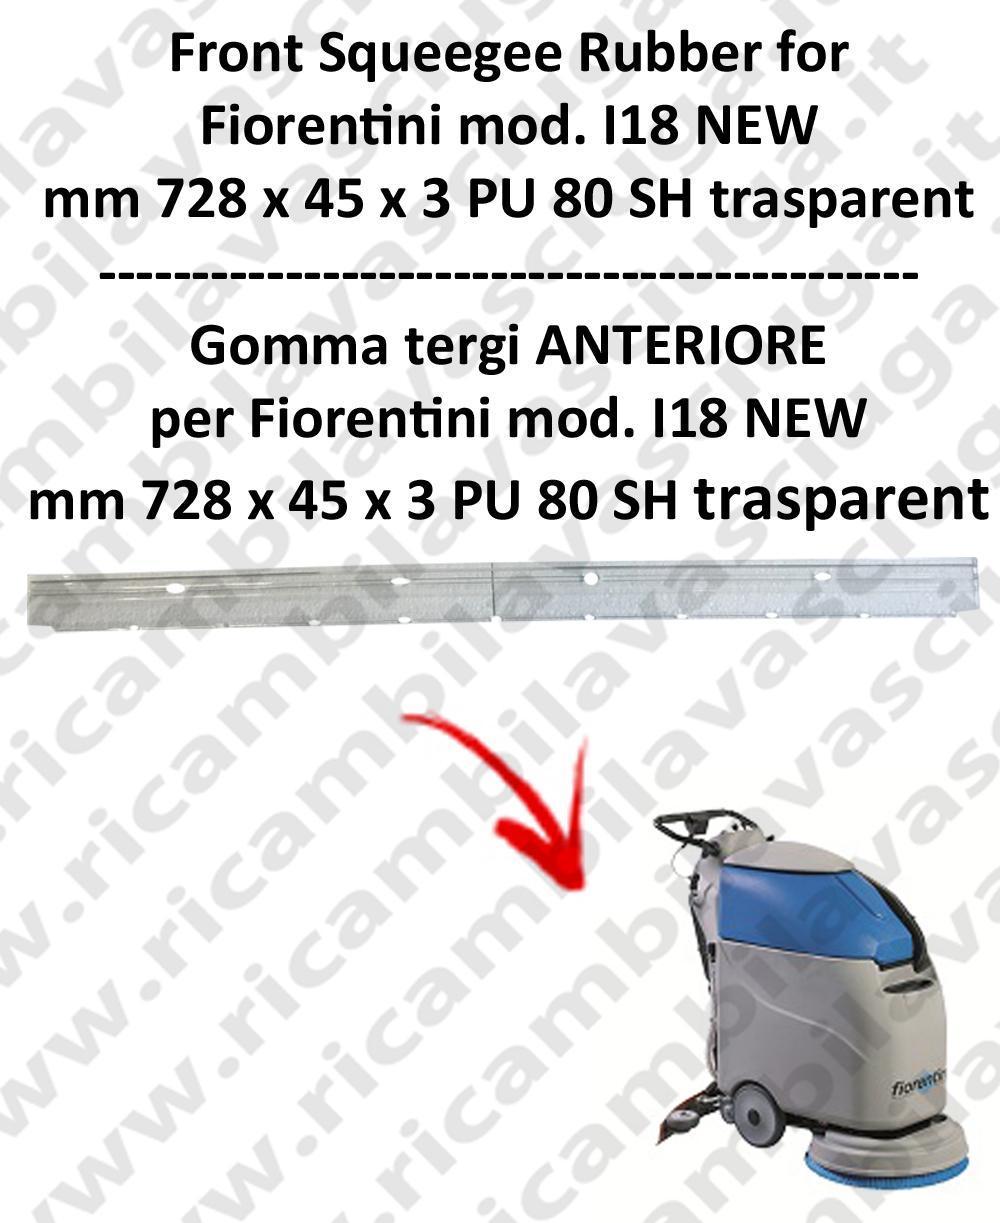 I18 NEW Vorne sauglippen für scheuersaugmaschinen FIORENTINI